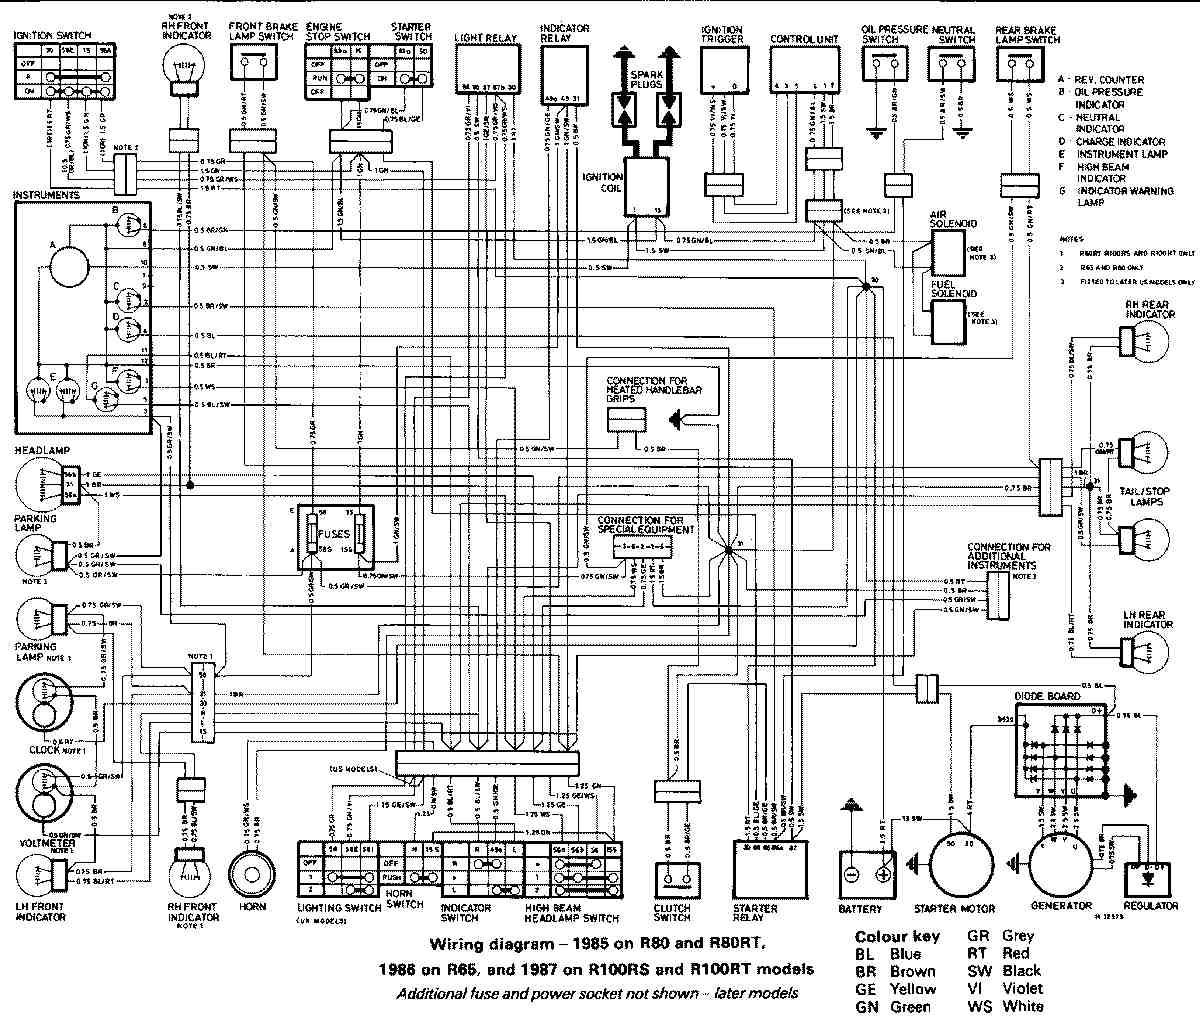 1992 Bmw 535i Fuse Box Diagram Electrical Wiring Diagrams 2008 525i 1991 Layout 100 Free U2022 X3